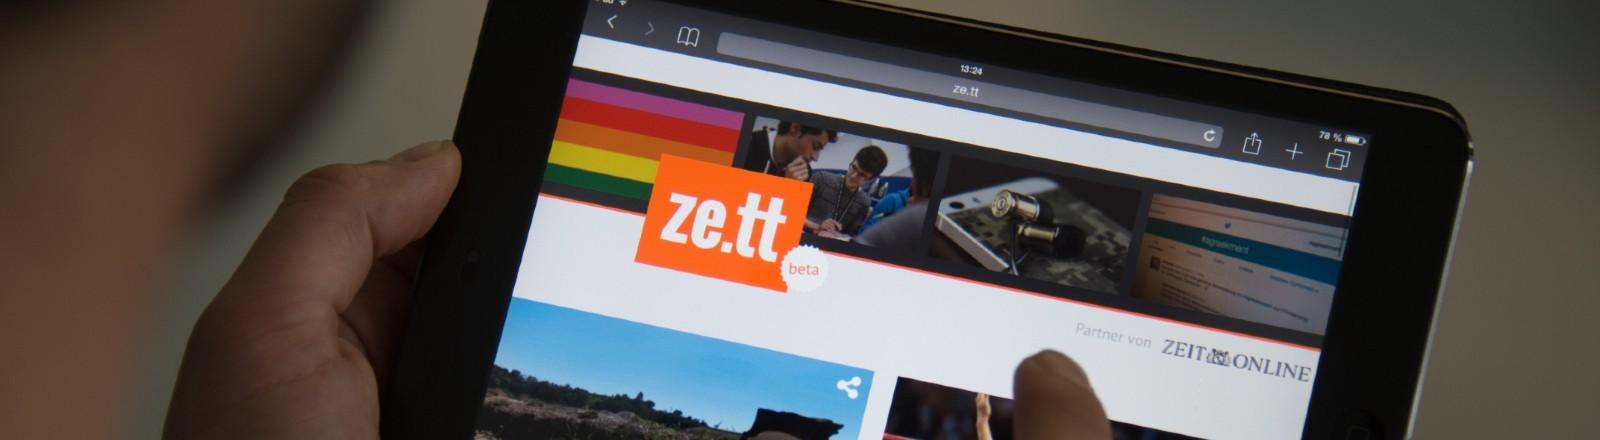 """Ein User liest das junge Angebot """"Ze.tt"""" der Zeit auf einem Ipad."""